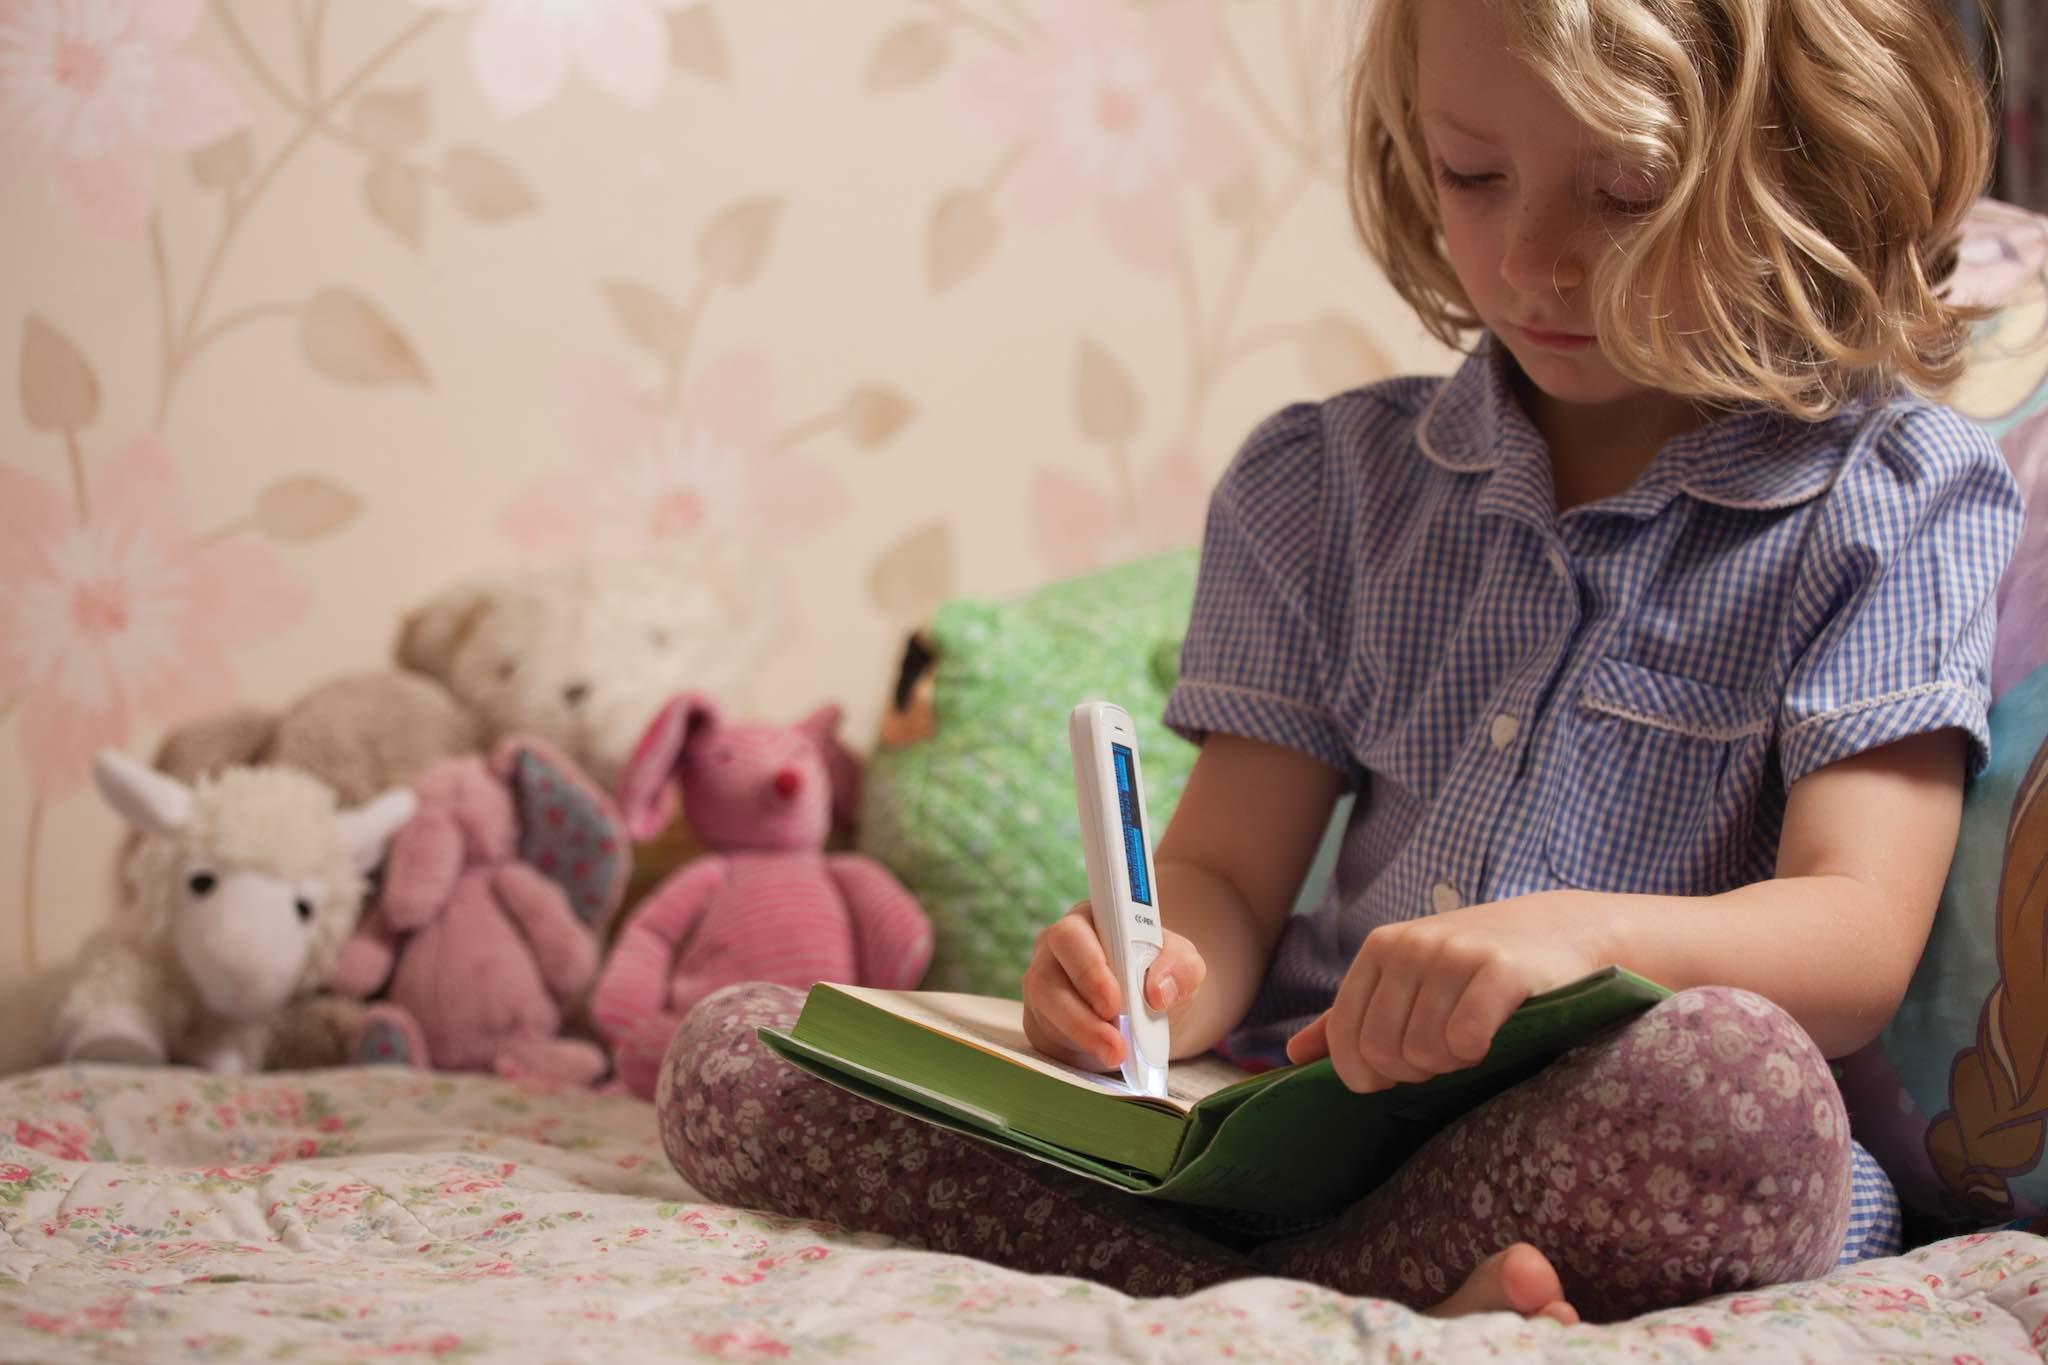 C-Pen Girl Image.jpg